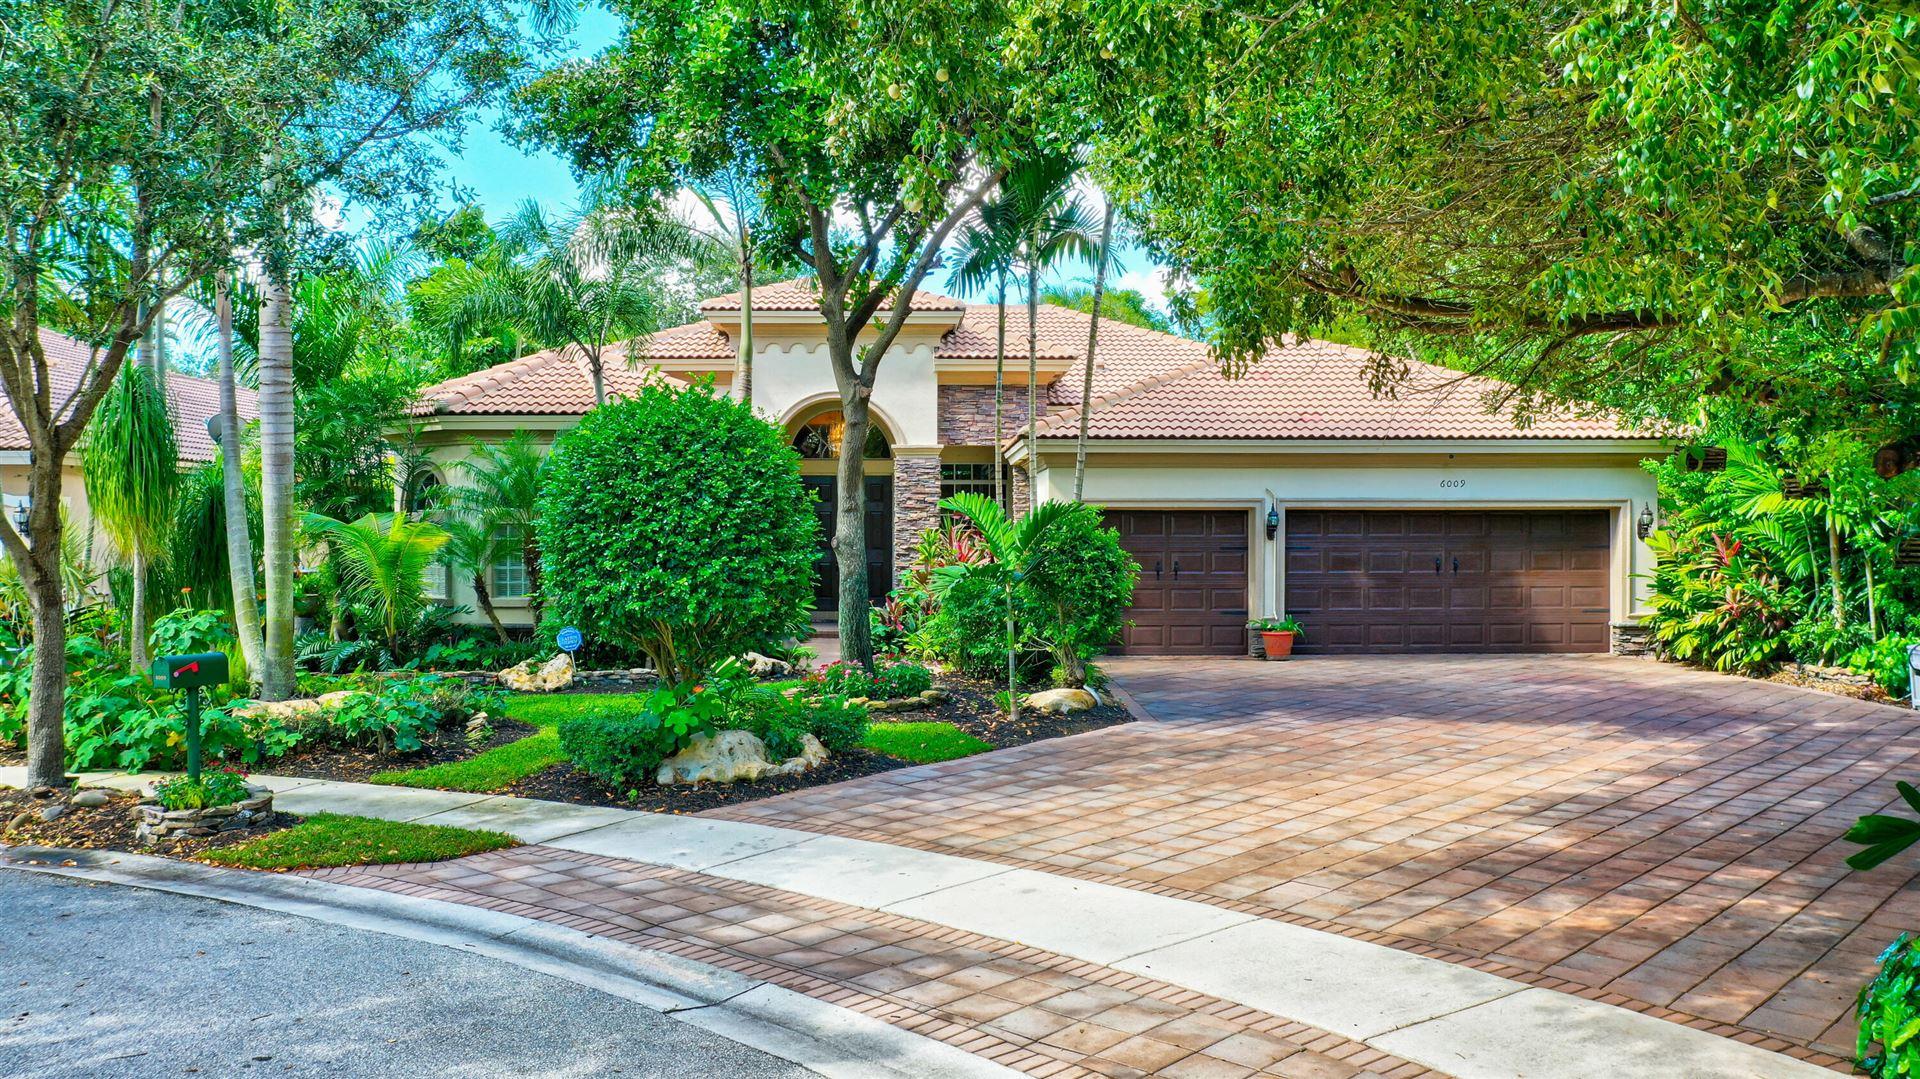 6009 Walnut Hill Drive, Lake Worth, FL 33467 - MLS#: RX-10753137